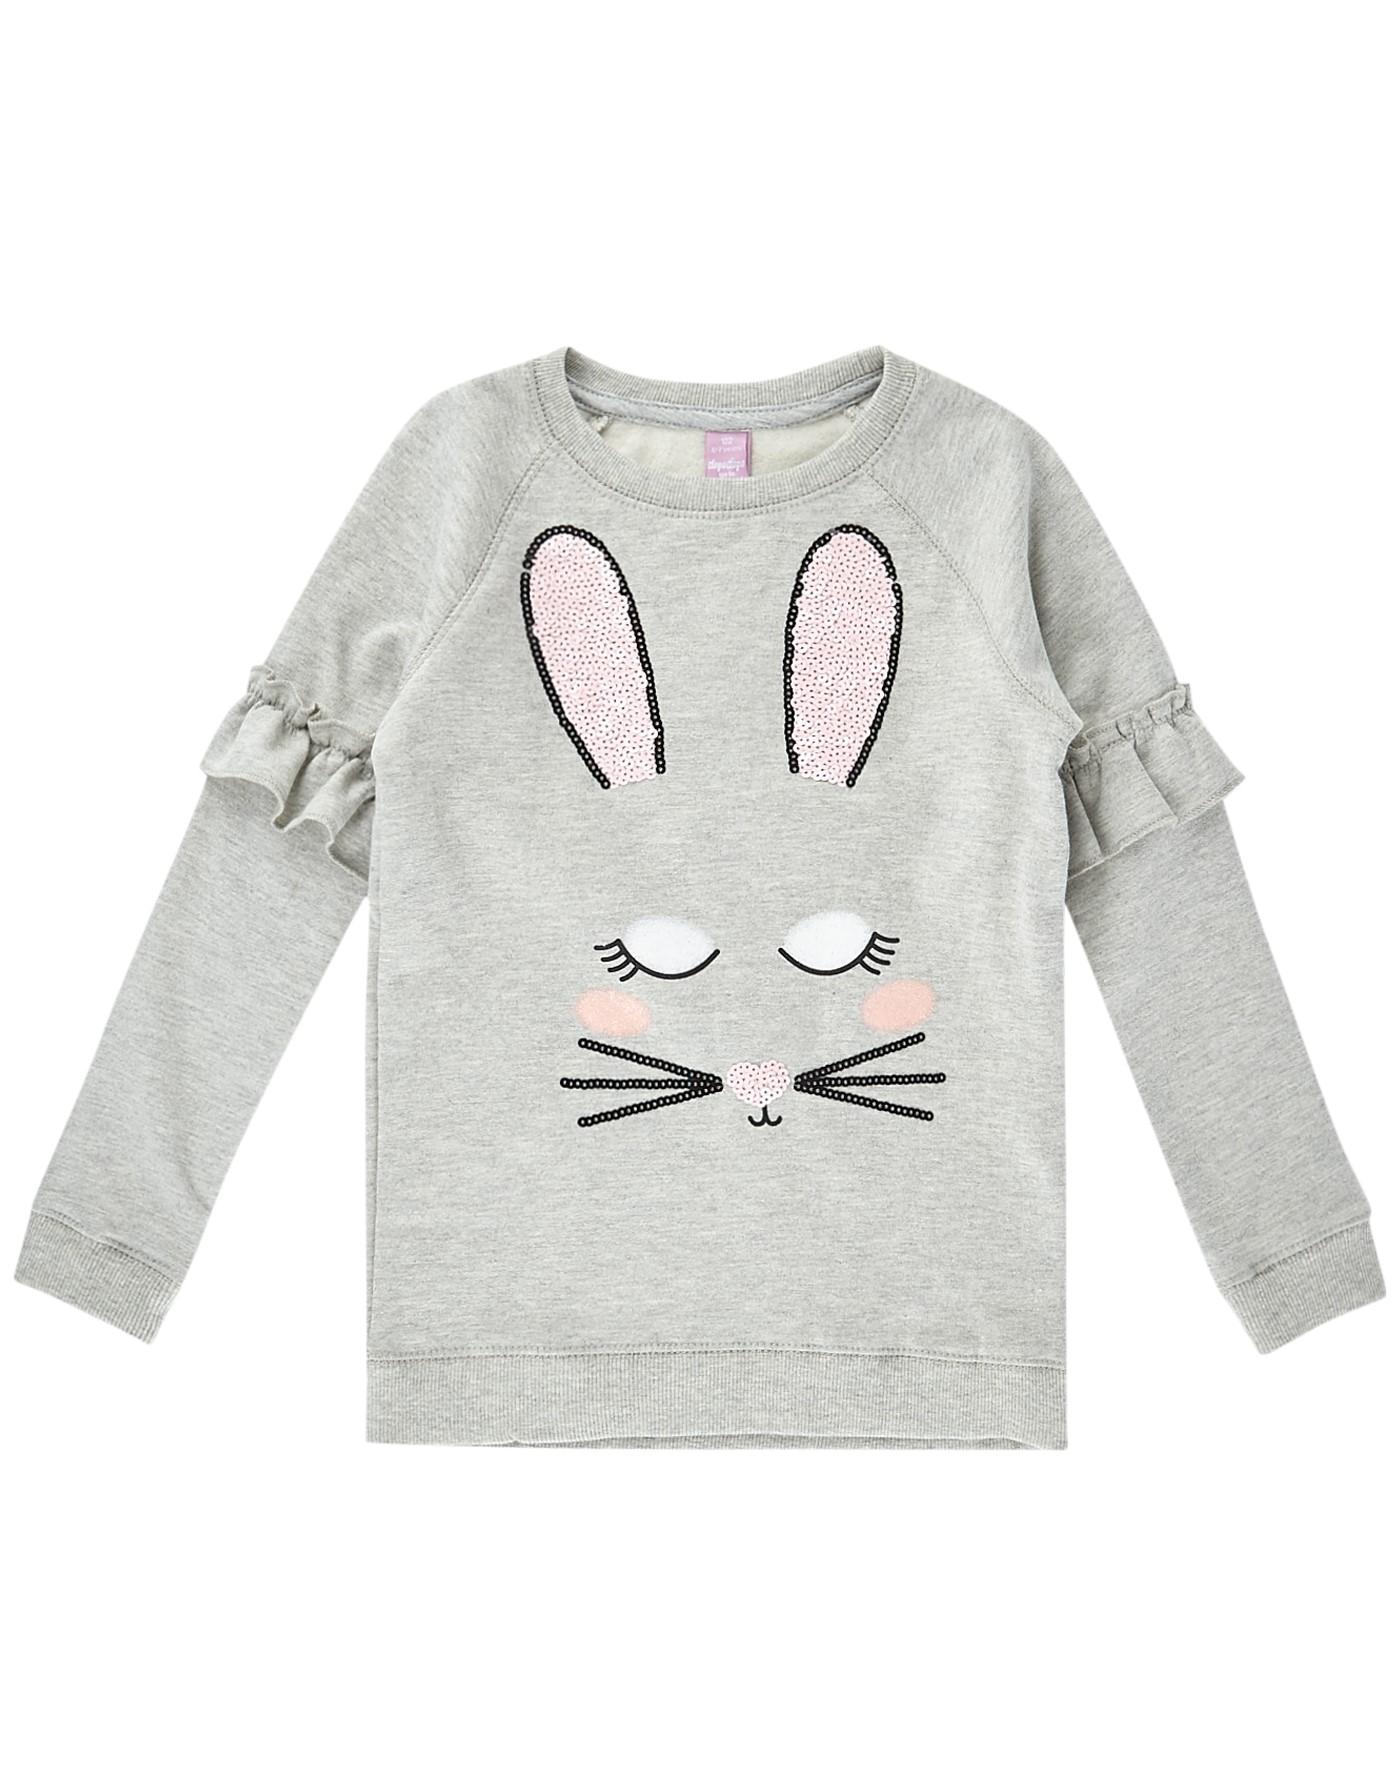 Mädchen Sweatshirt mit Pailletten-Besatz  | 81512491570801